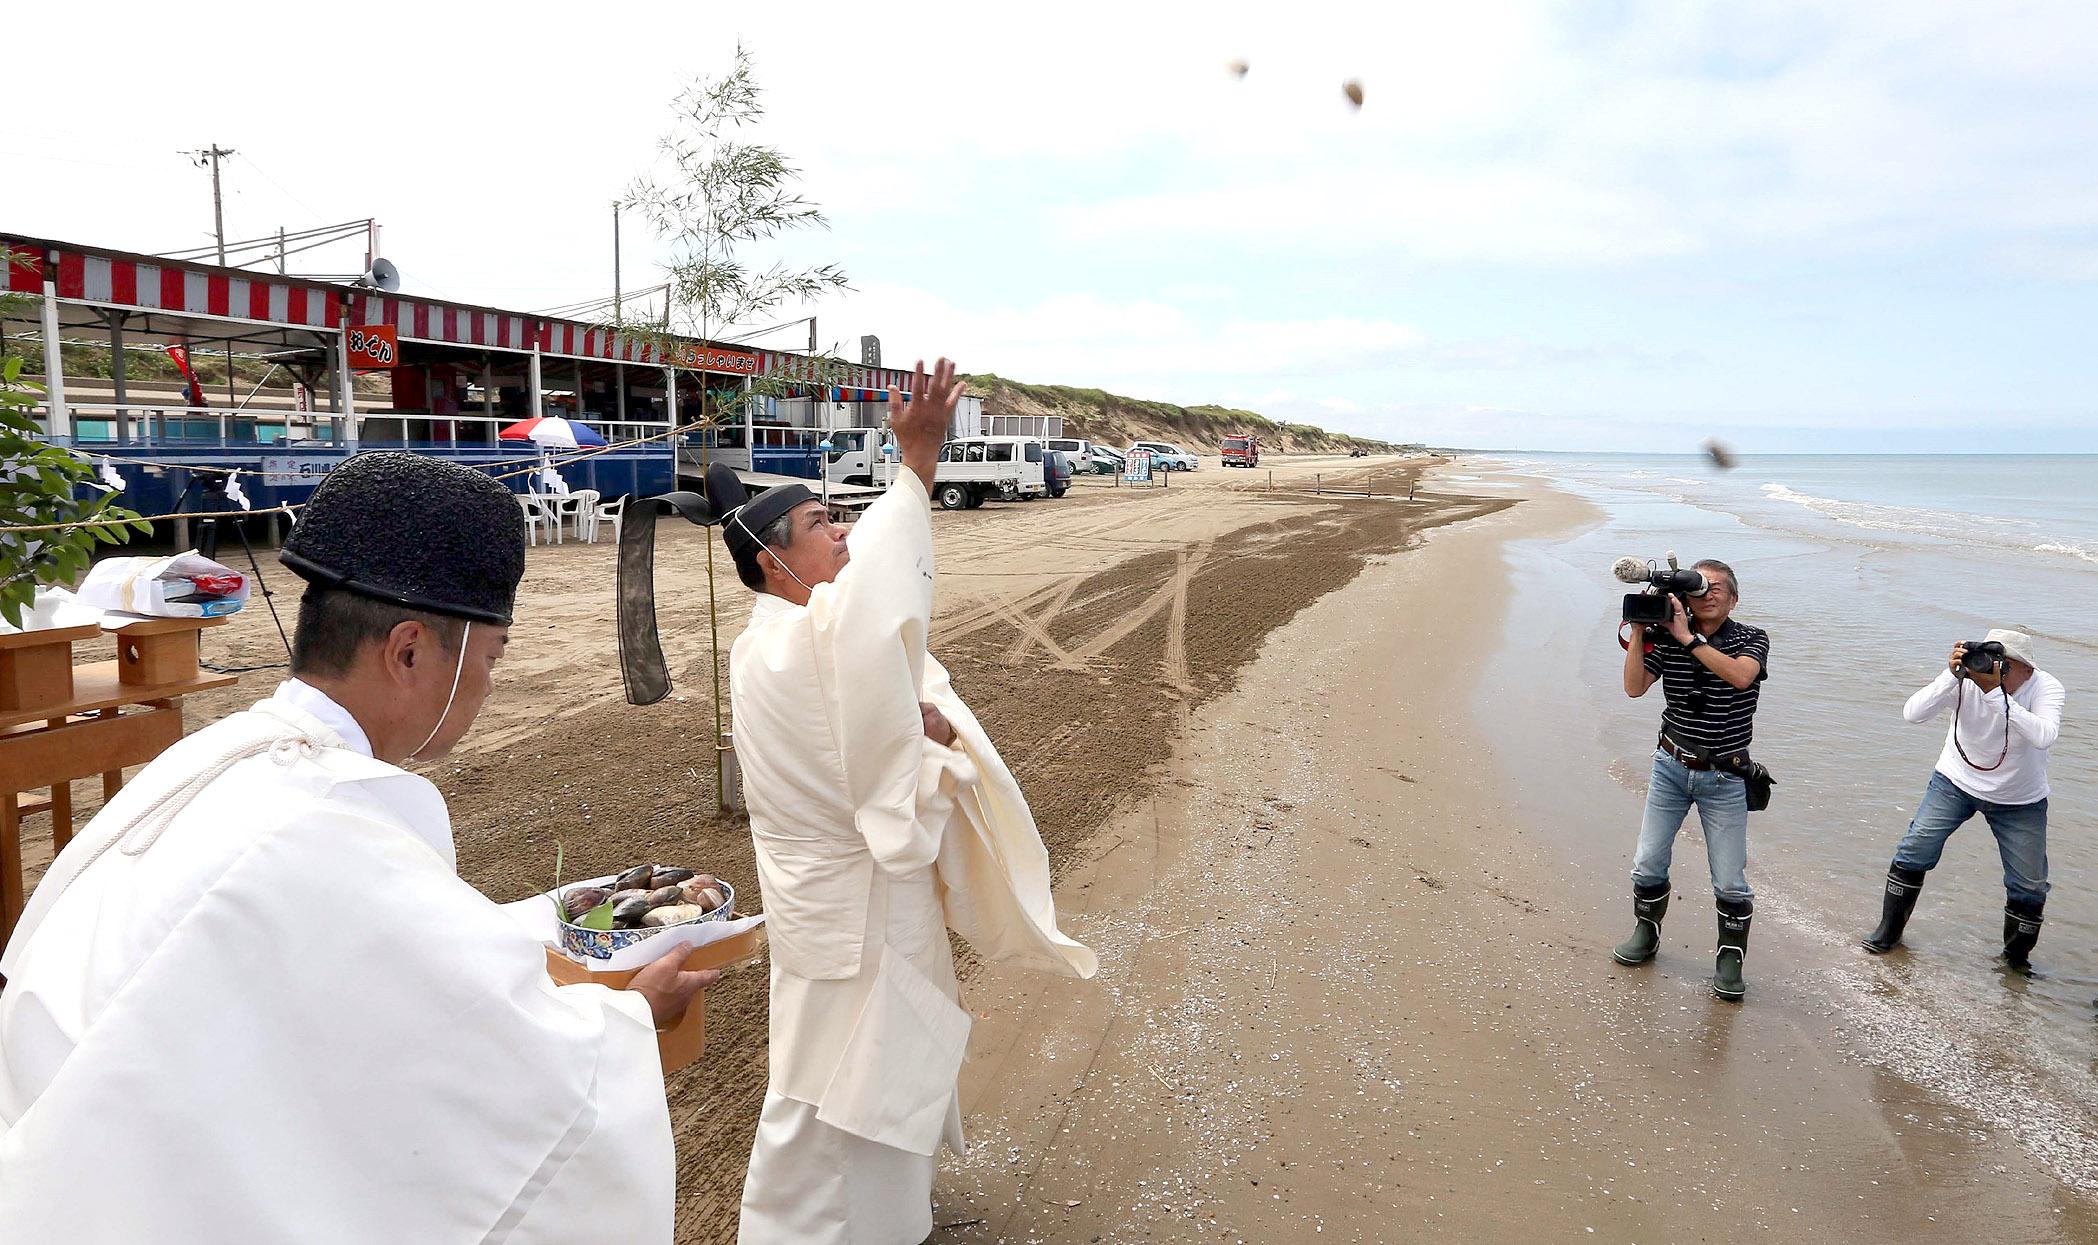 夏のにぎわいと安全を願ってハマグリを投げ入れる神職=10日午前10時12分、羽咋市の千里浜海水浴場